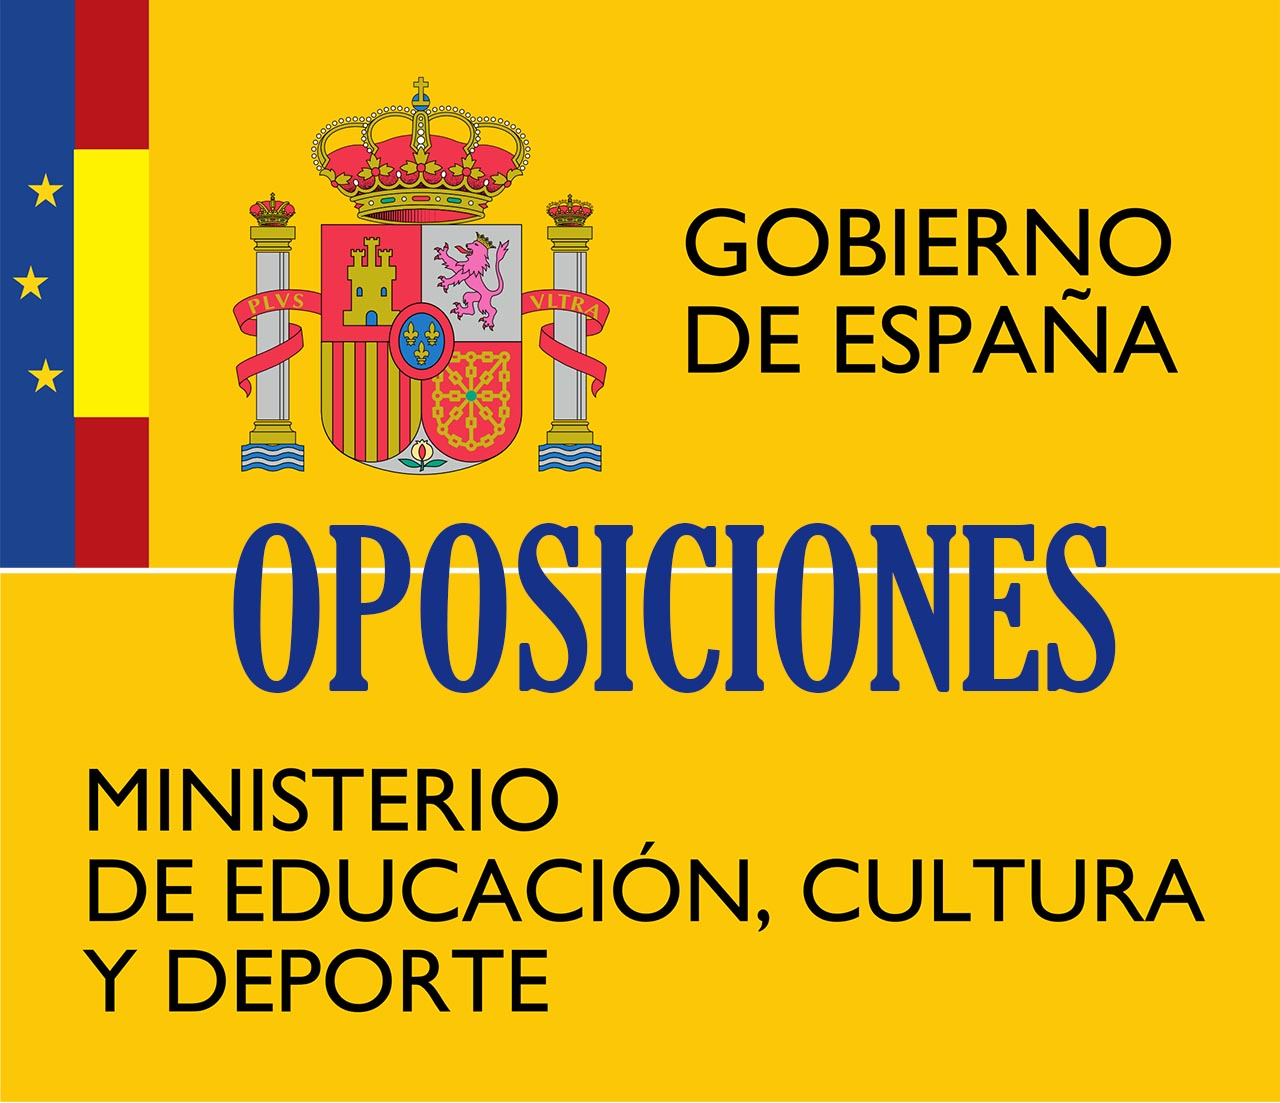 Oposiciones profesorado ministerio de educaci n grupo for Ministerio de educacion plazas